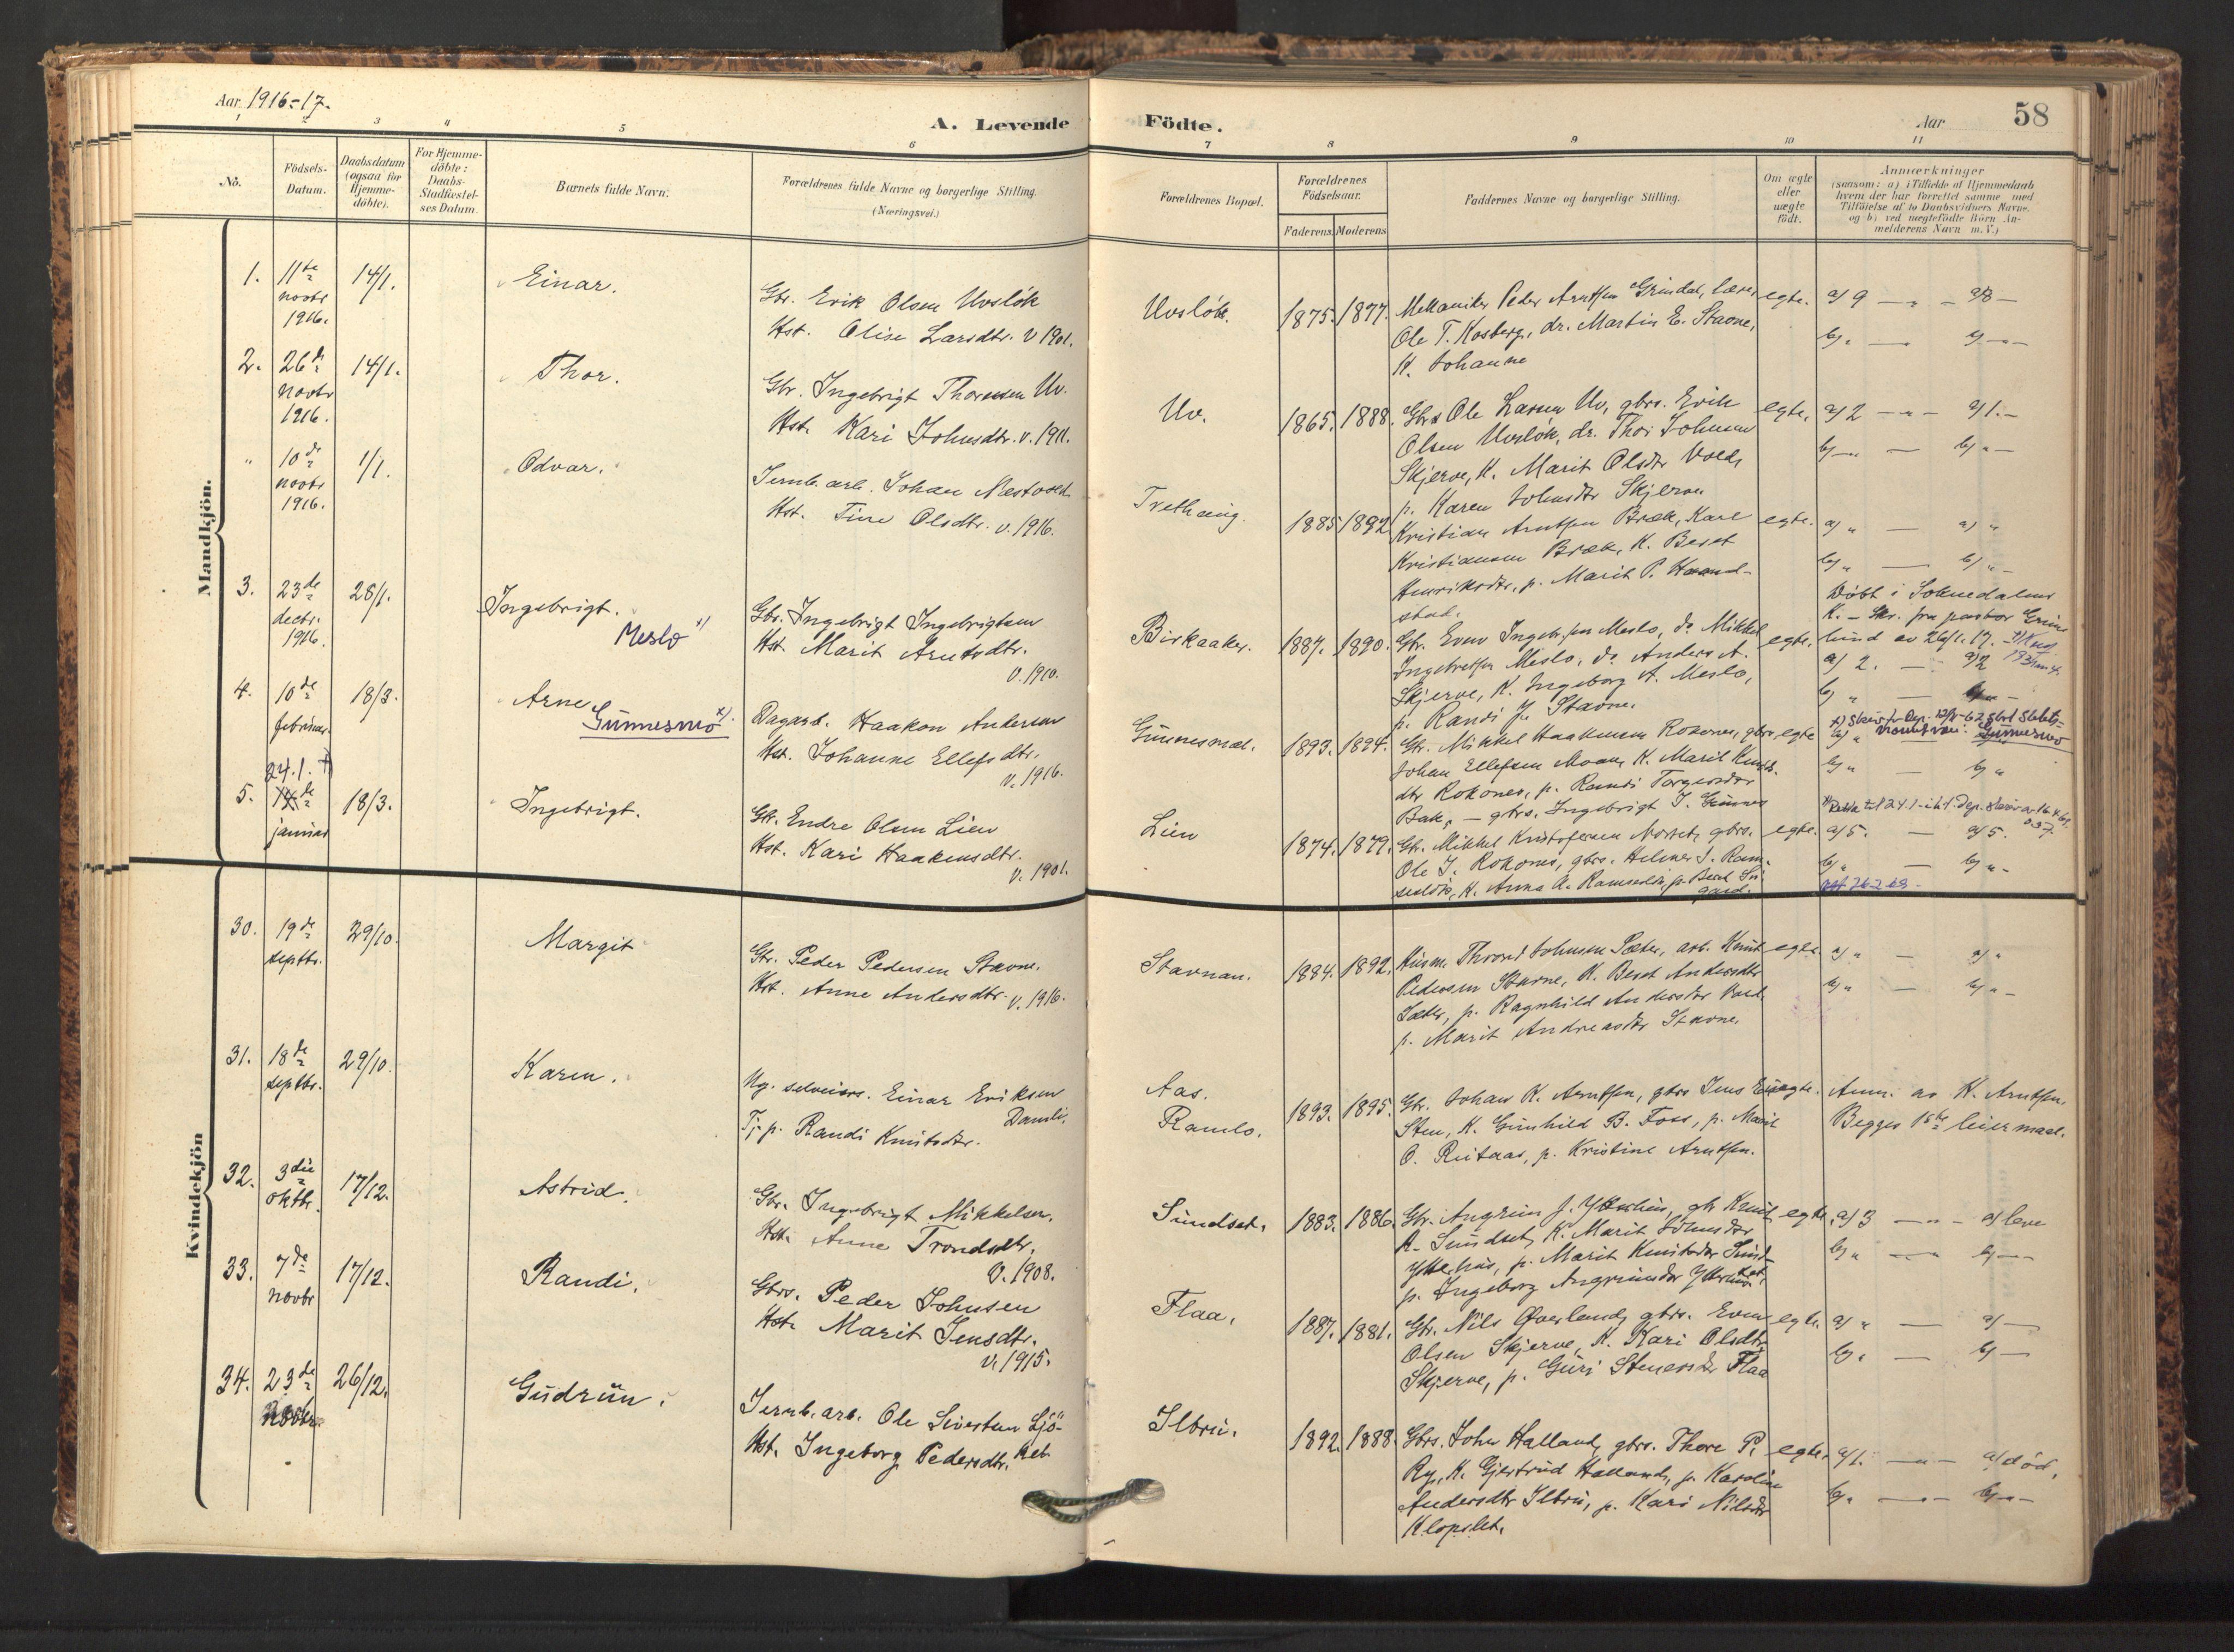 SAT, Ministerialprotokoller, klokkerbøker og fødselsregistre - Sør-Trøndelag, 674/L0873: Ministerialbok nr. 674A05, 1908-1923, s. 58